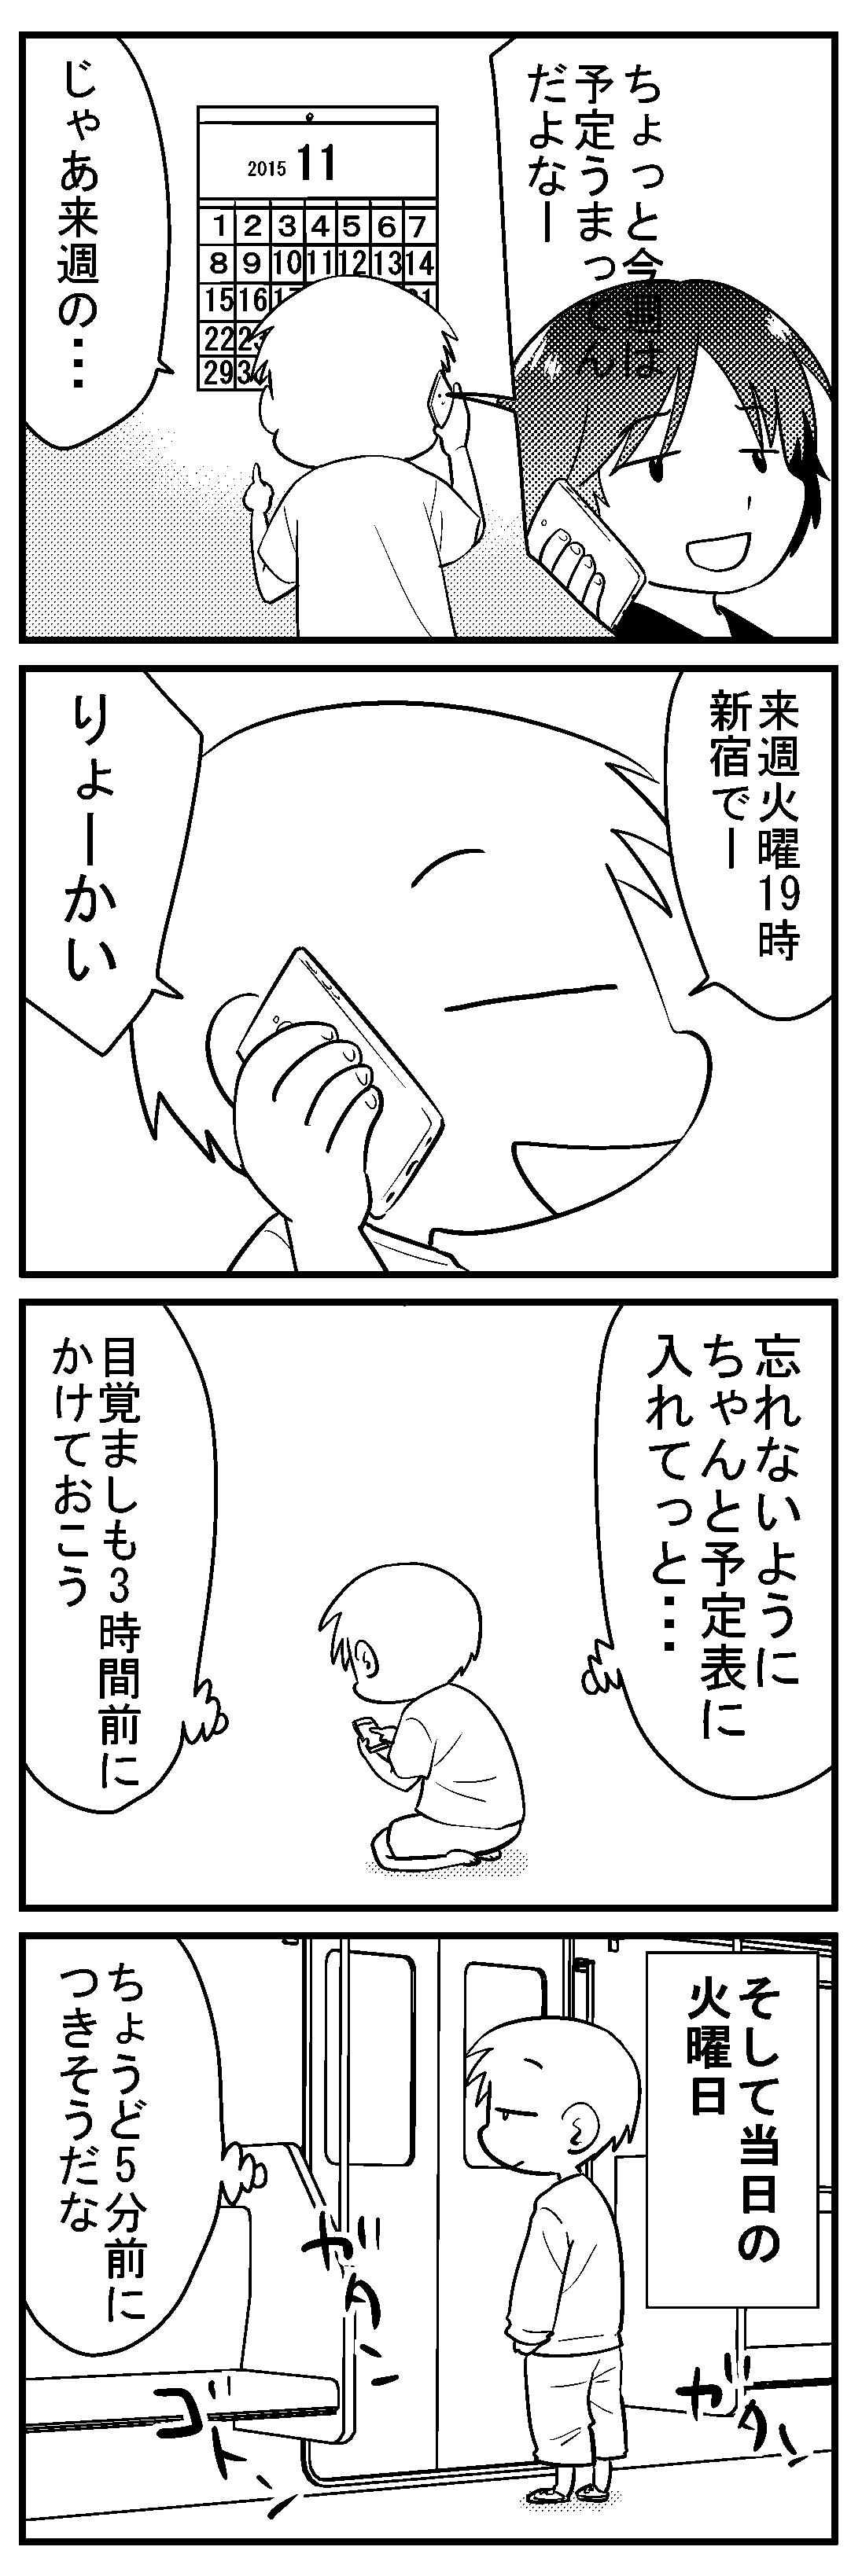 深読みくん26 1